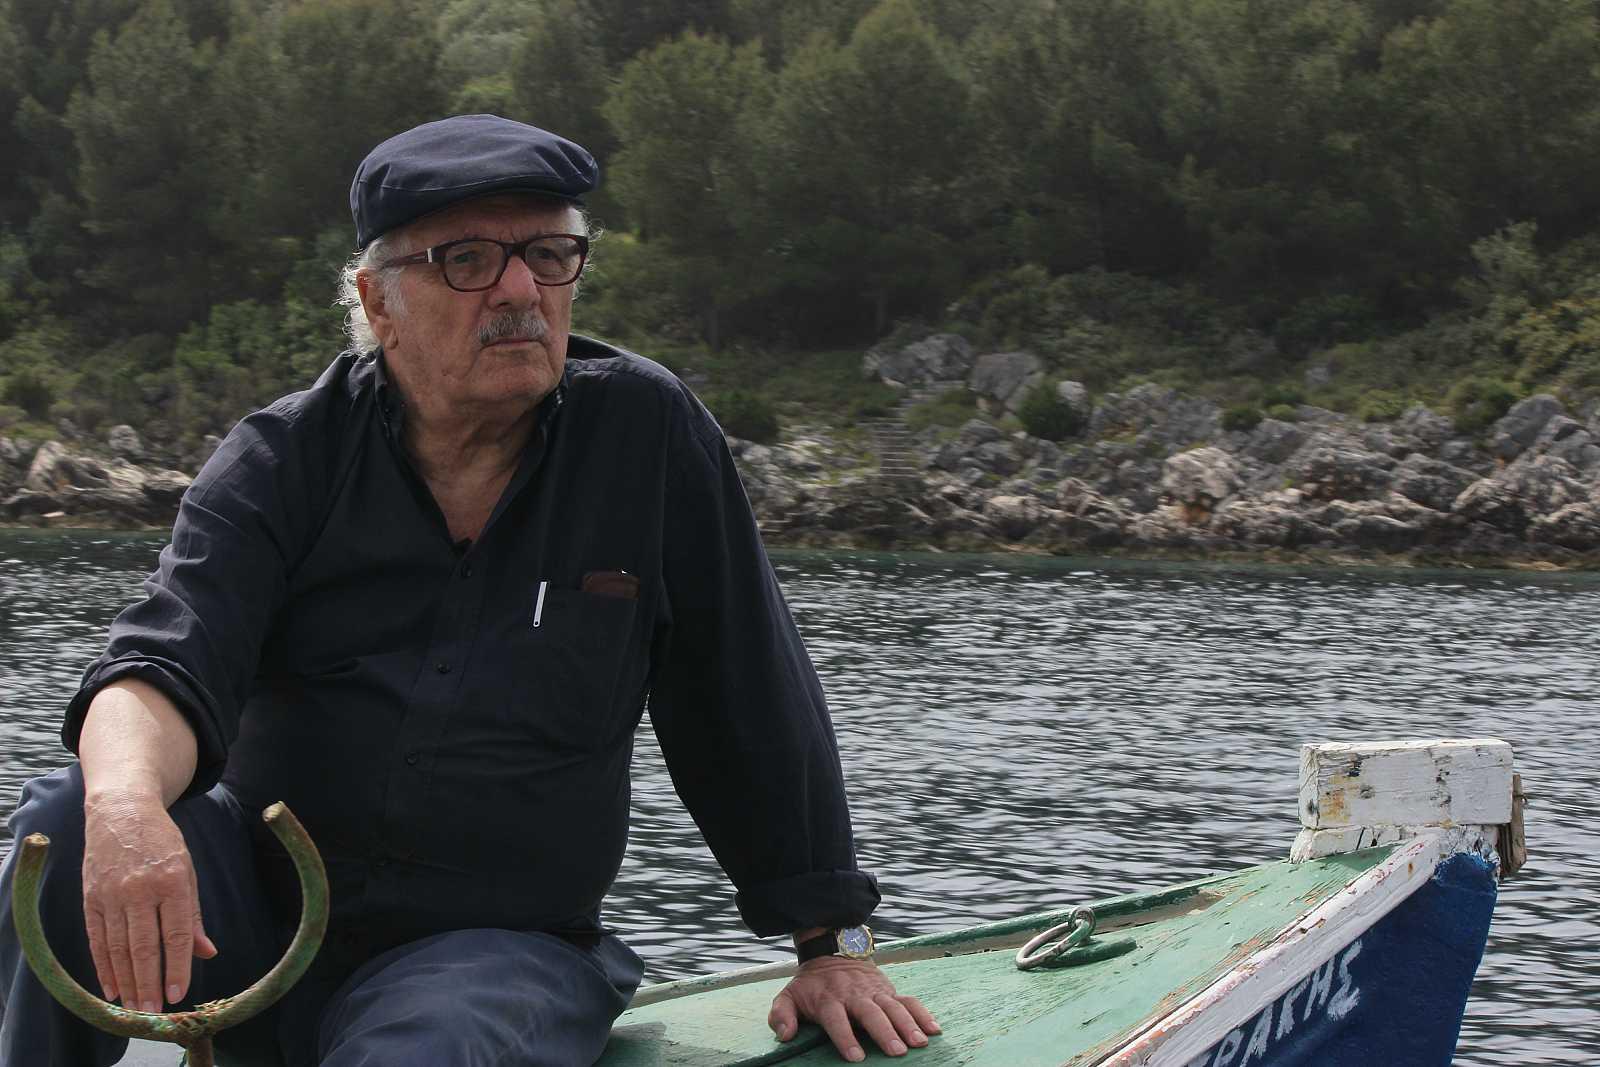 El documental acompaña a Javier Reverte en su viaje a Ítaca rememorando su vida personal y profesional